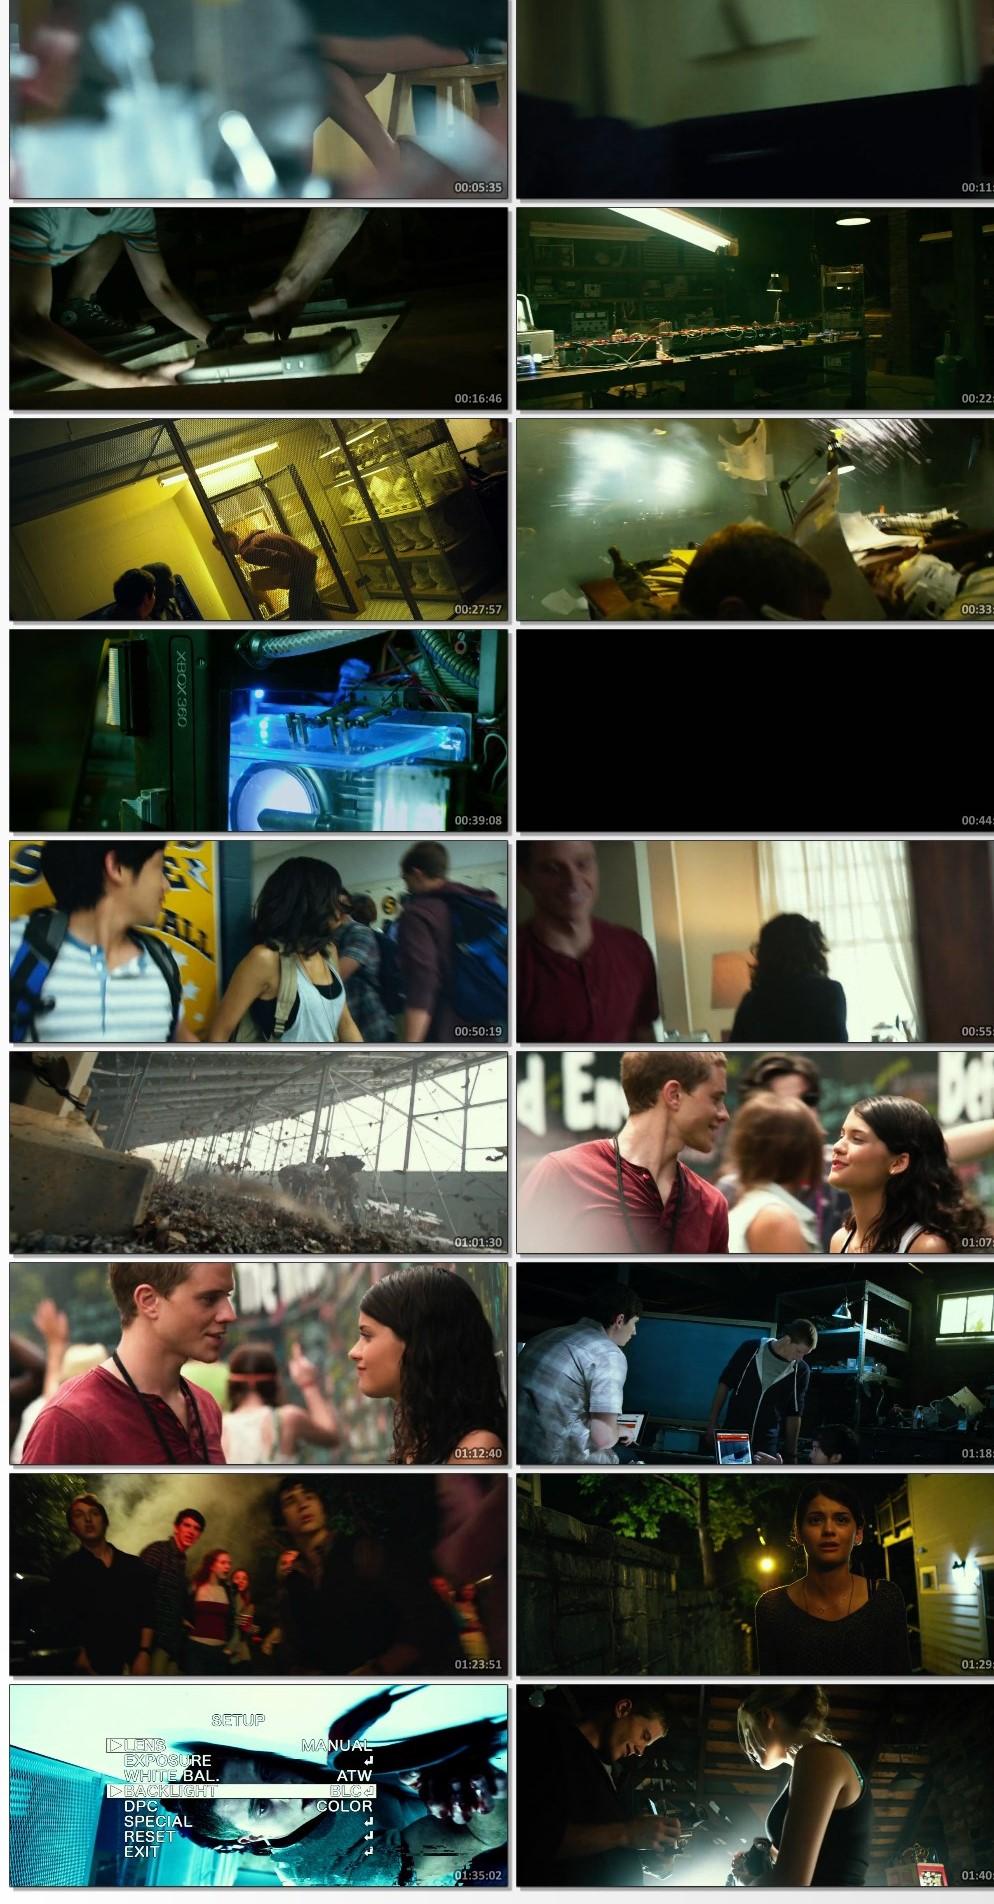 Project-Almanac-2015-www-7-Star-HD-Wales-Dual-Audio-Hindi-ORG-720p-Blu-Ray-ESub-1-1-GB-1-mkv-thumbsf